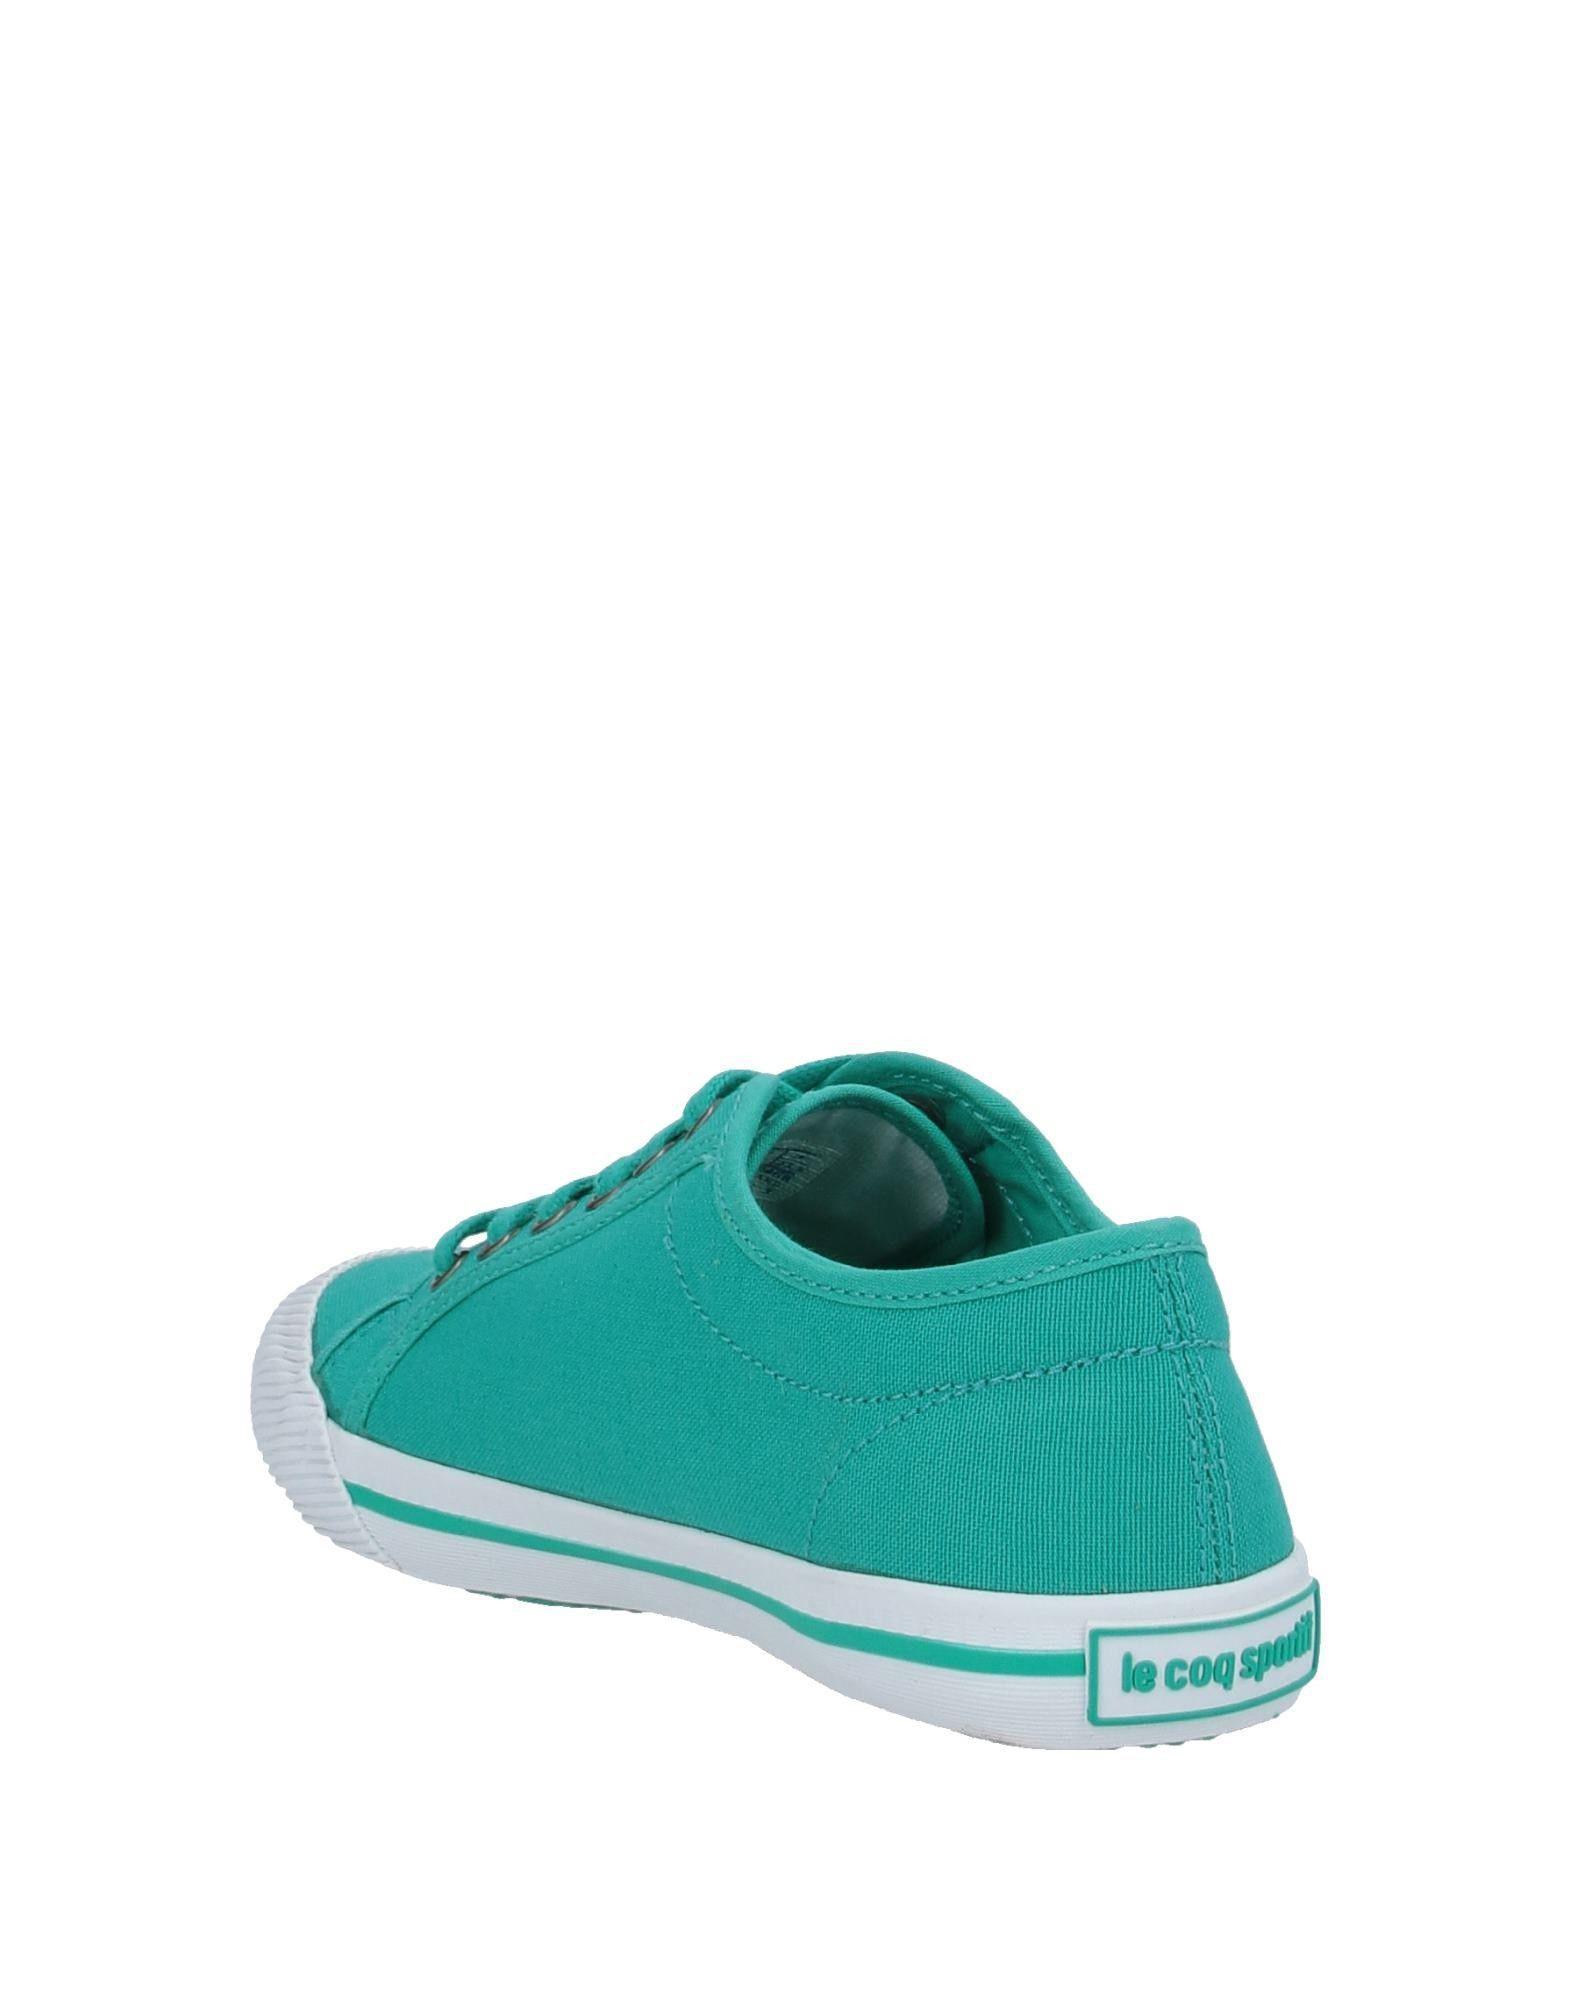 Sneakers & Deportivas Le Coq Sportif de Lona de color Verde